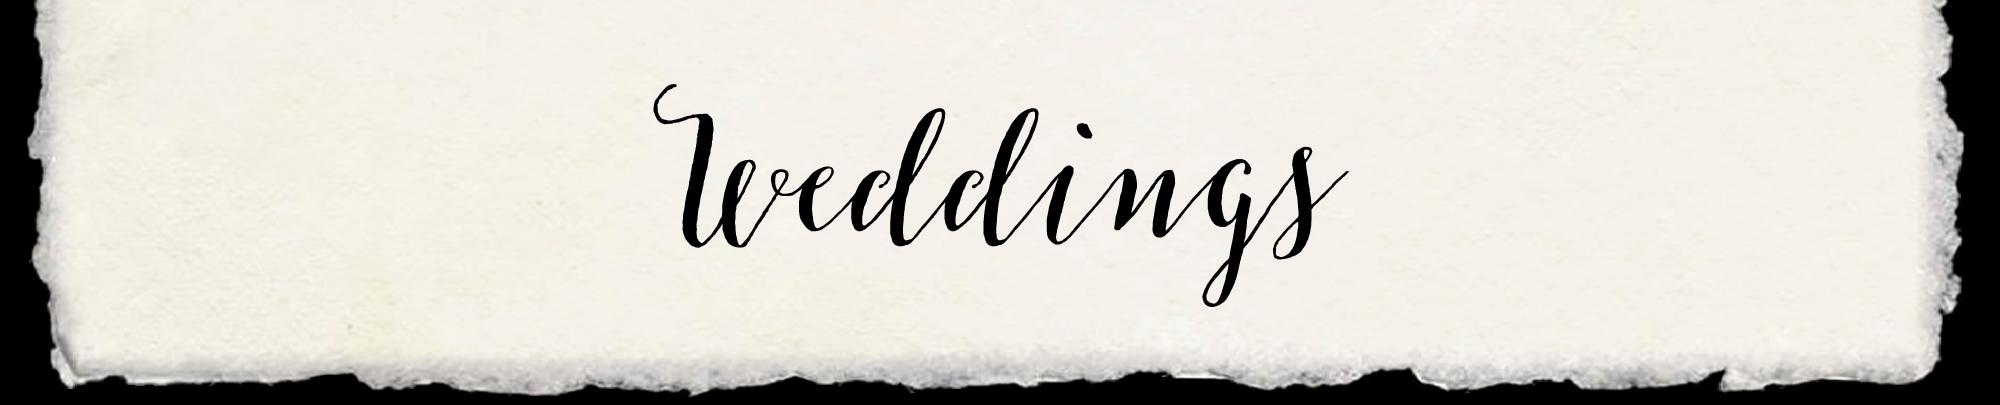 DBD-Website-WeddingsWide.png